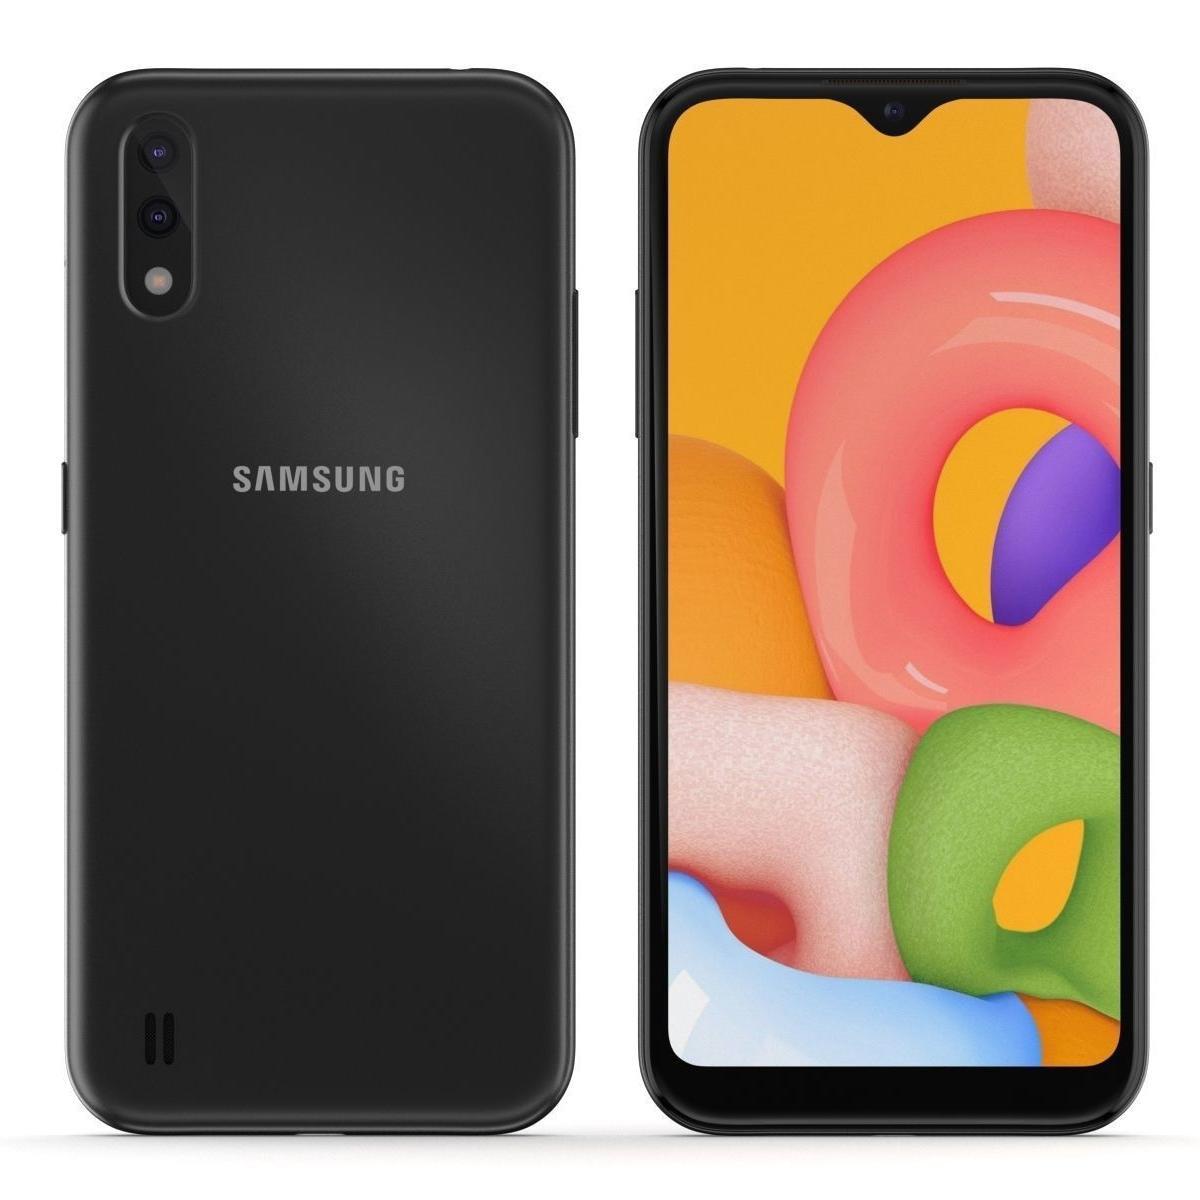 گوشی موبایل سامسونگ Galaxy A01 دو سیم کارت با ظرفیت 16 گیگابایت با RAM 2GB